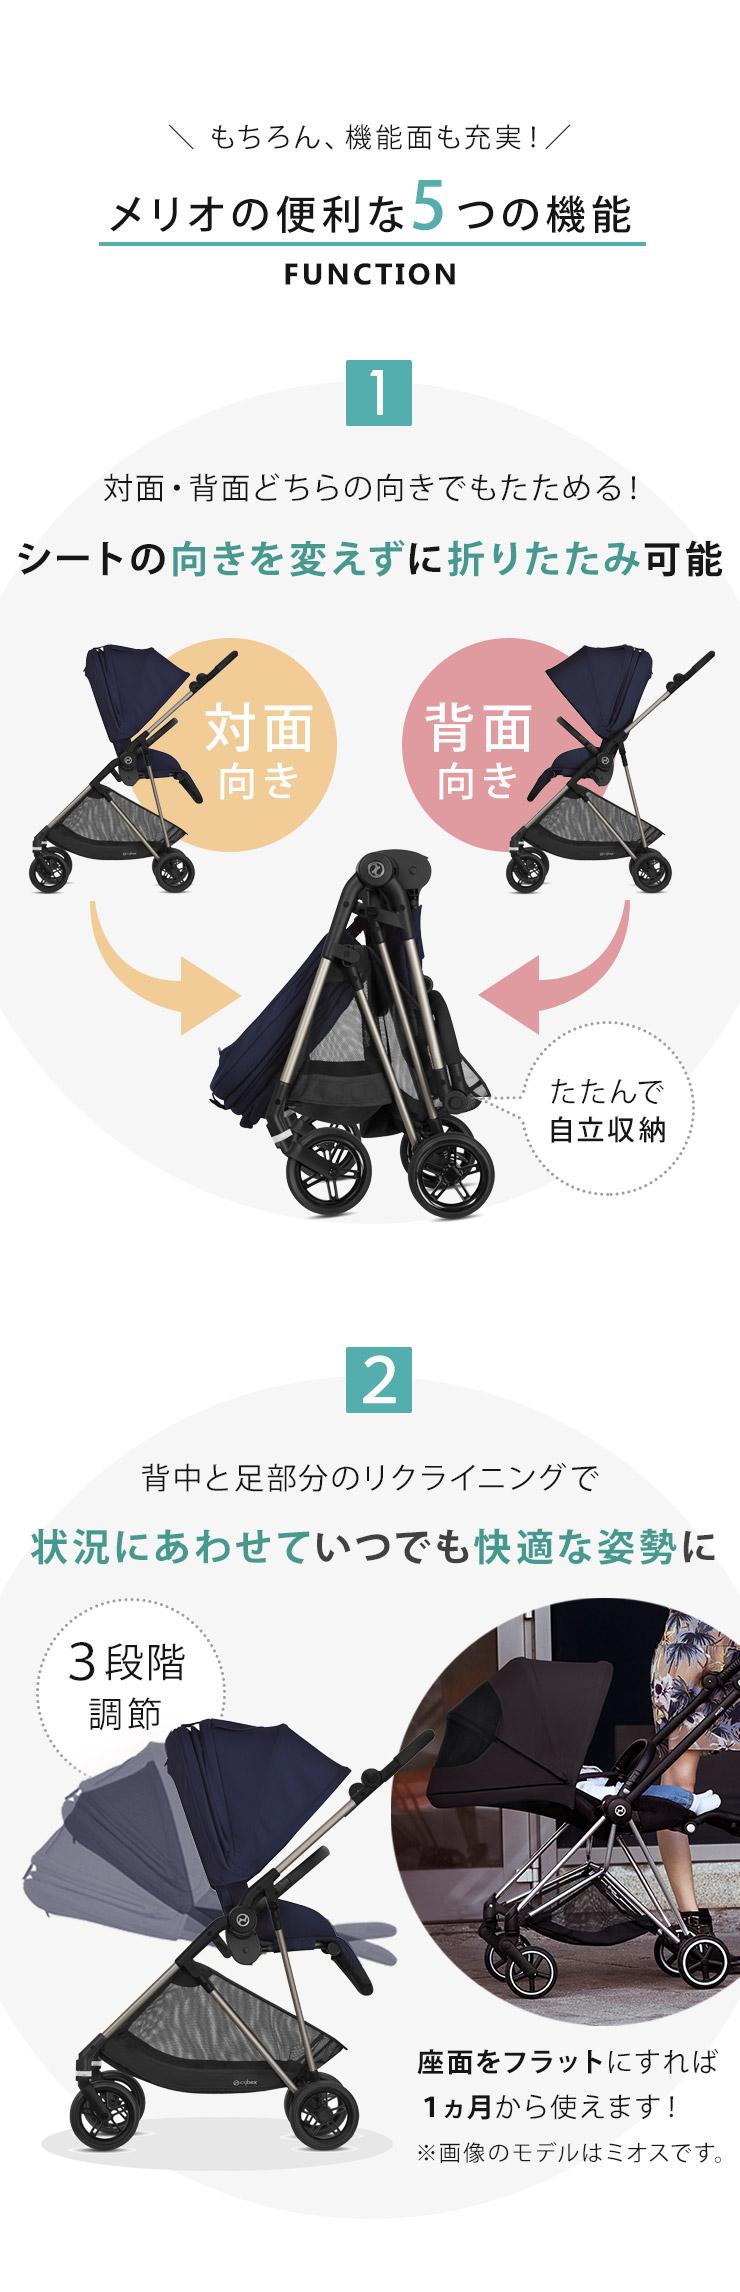 サイベックス ベビーカー メリオの5つの機能